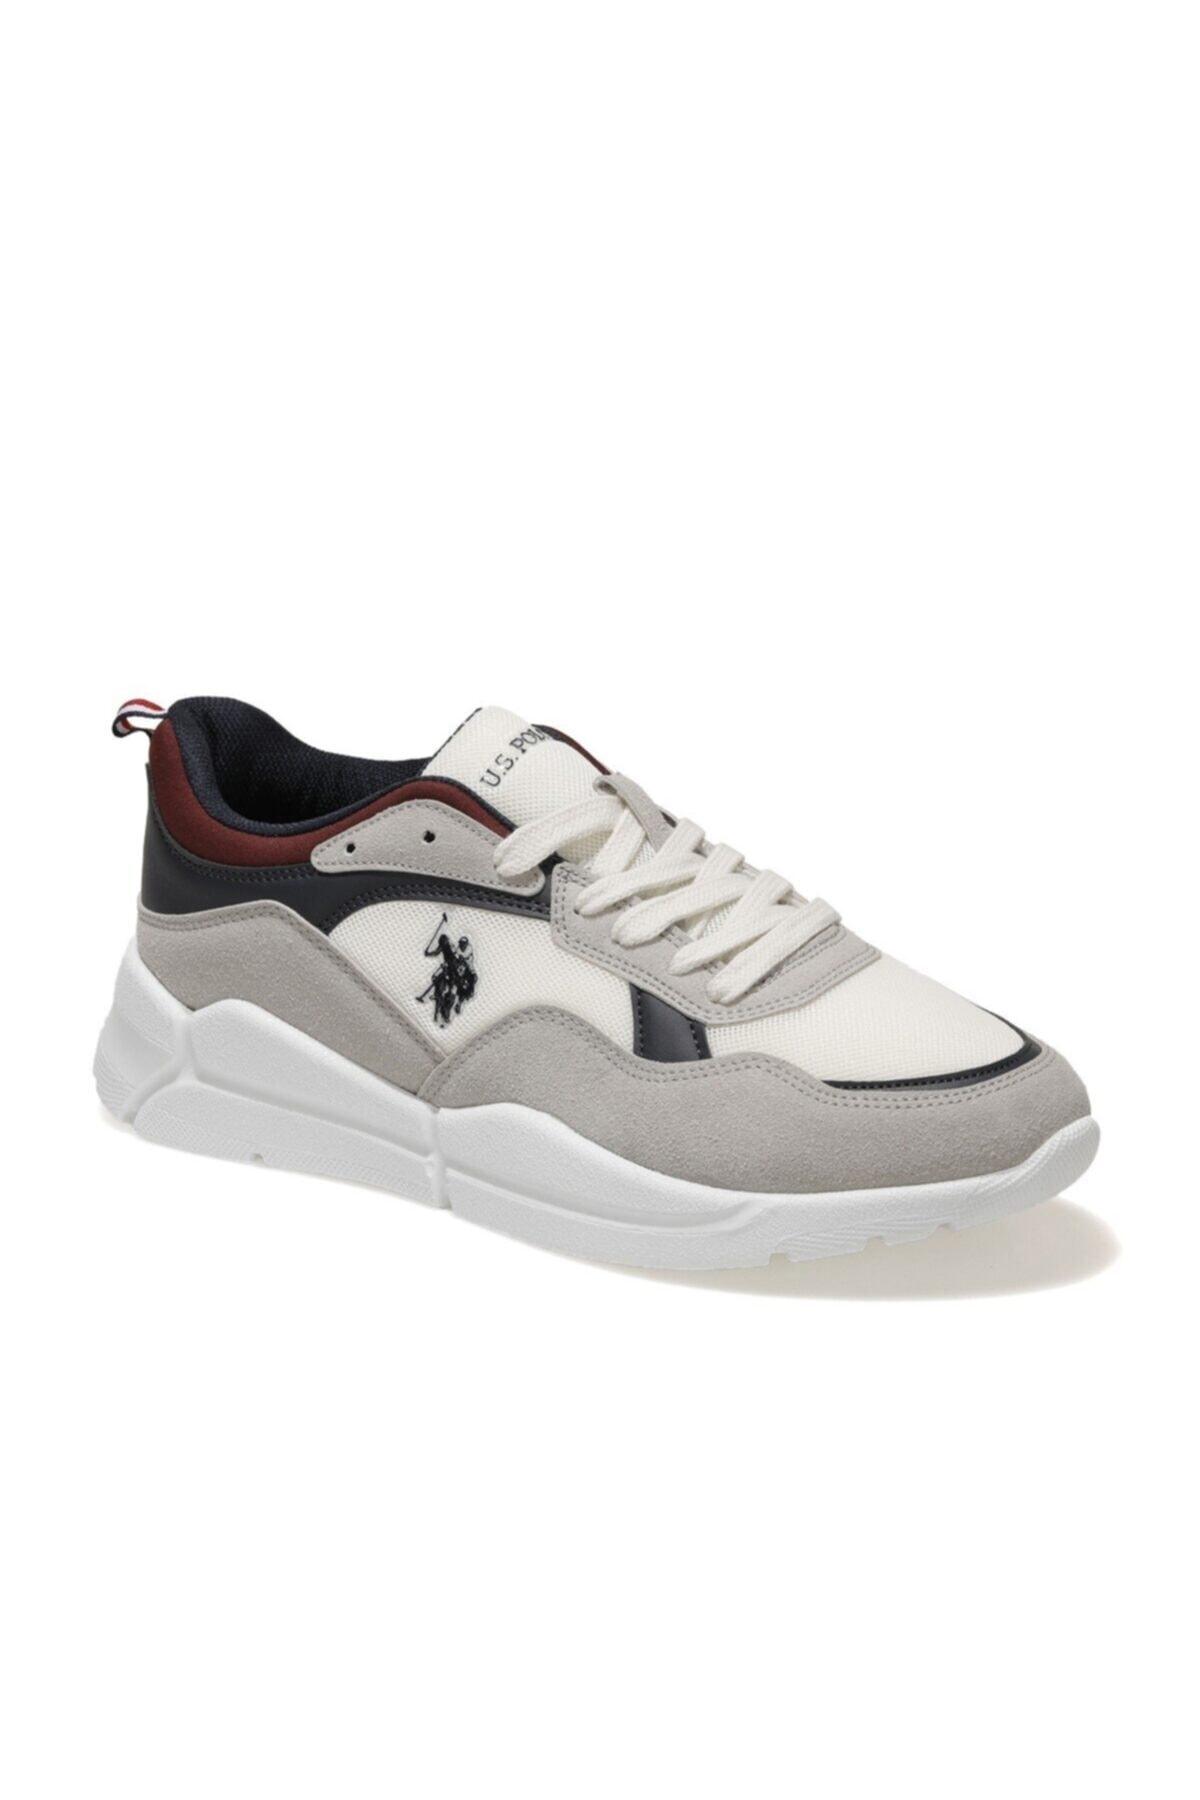 CALLUM SMR 1FX Beyaz Erkek Sneaker Ayakkabı 100909688